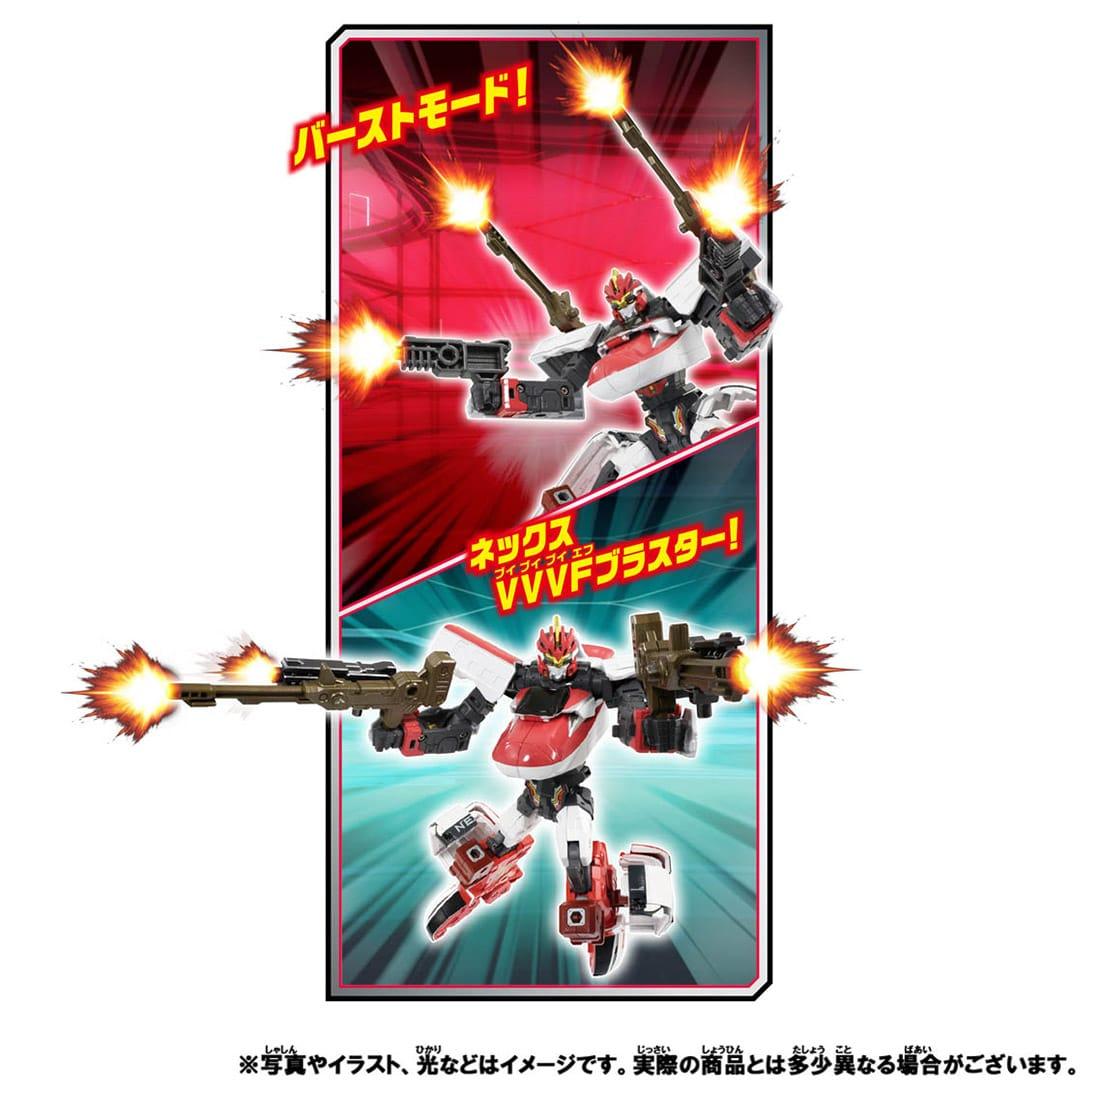 新幹線変形ロボ シンカリオンZ『シンカリオンZ E5ヤマノテセット』可変合体プラレール-014